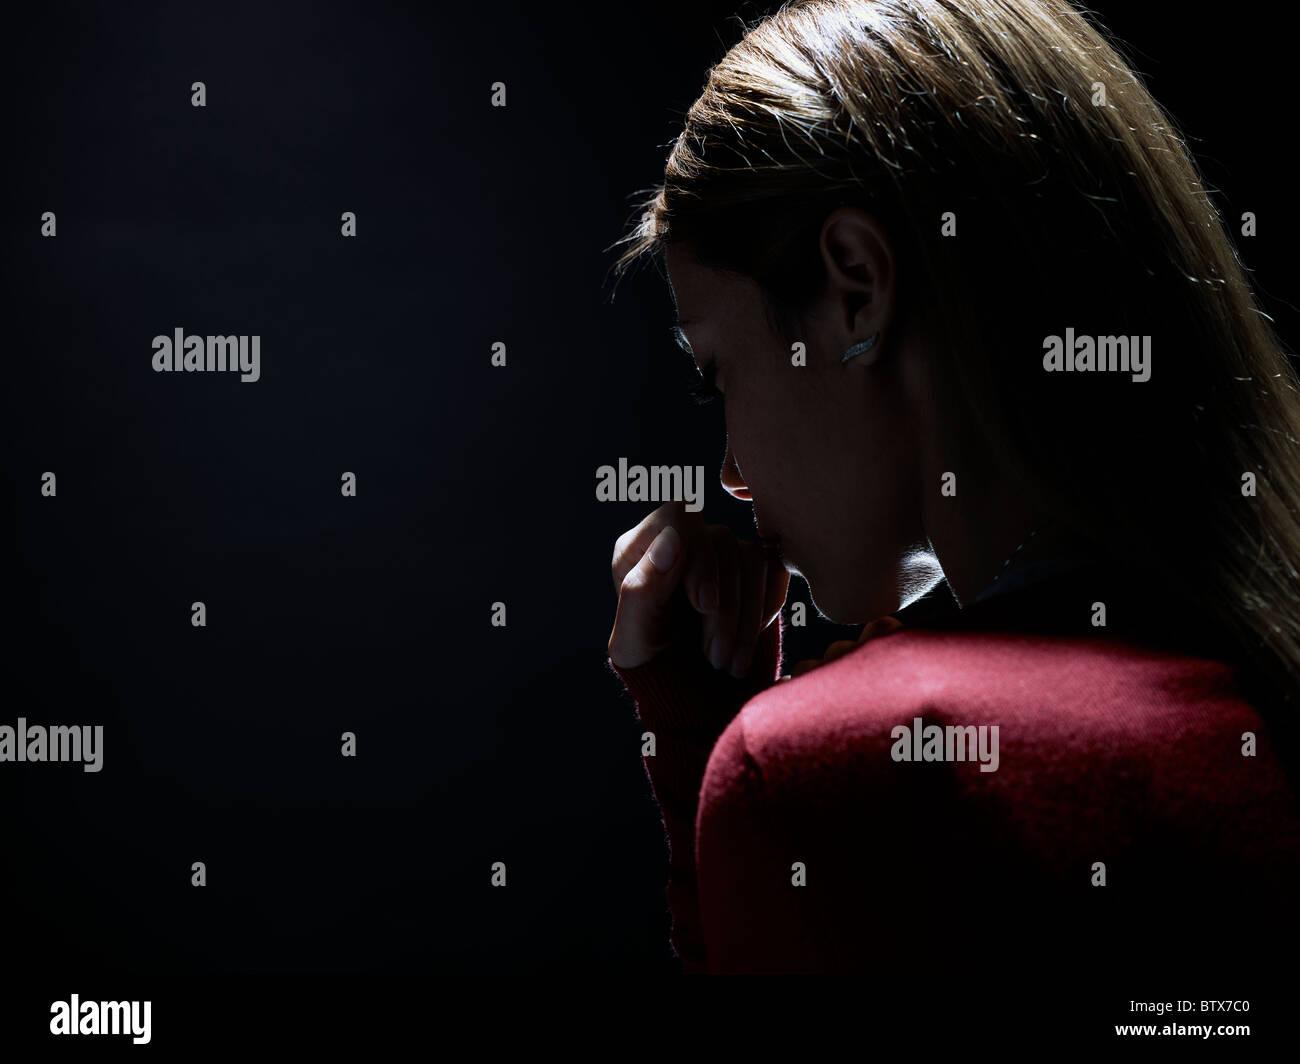 Mujer pensativa sobre fondo negro, que representa el concepto de anonimato Imagen De Stock